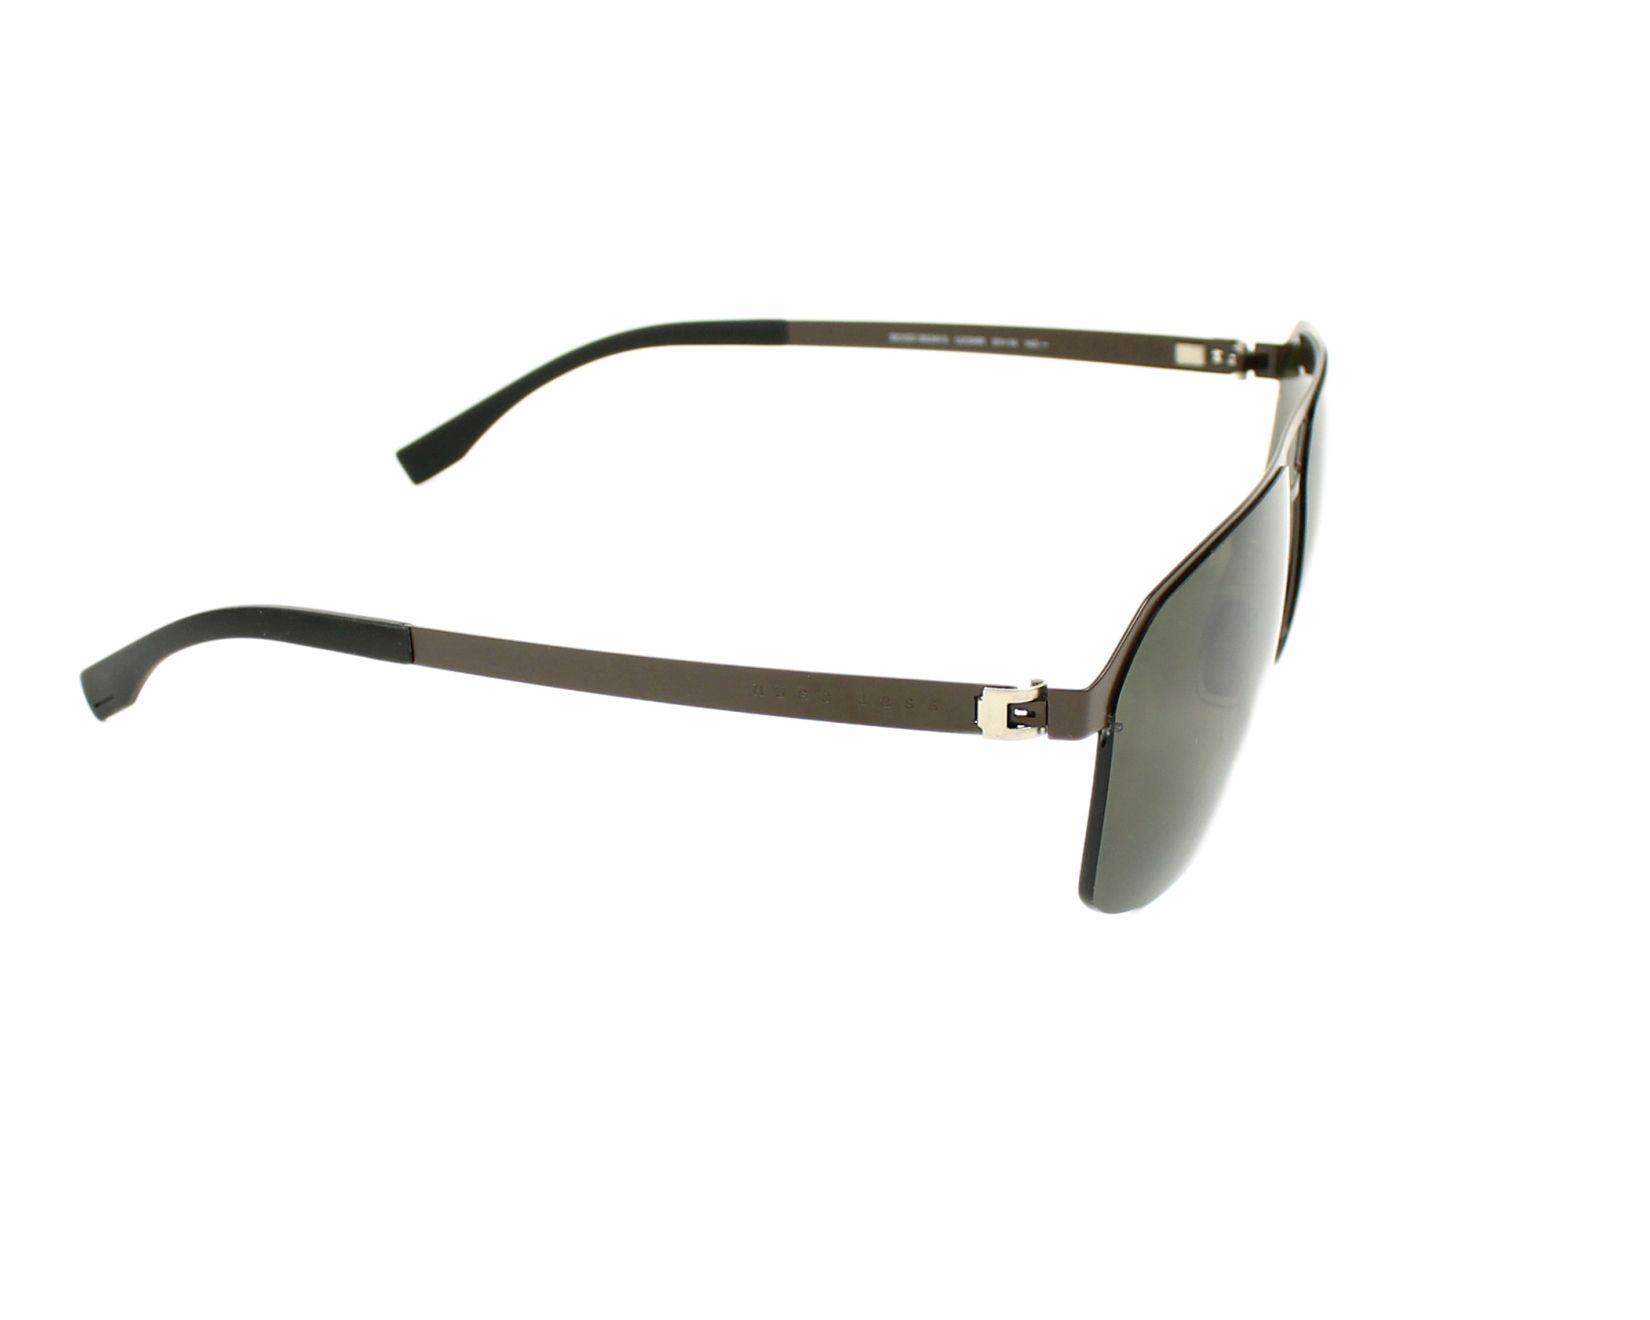 b084b18d3ee0c Sunglasses Hugo Boss BOSS-0839-S U2S NR 61-14 Brown side